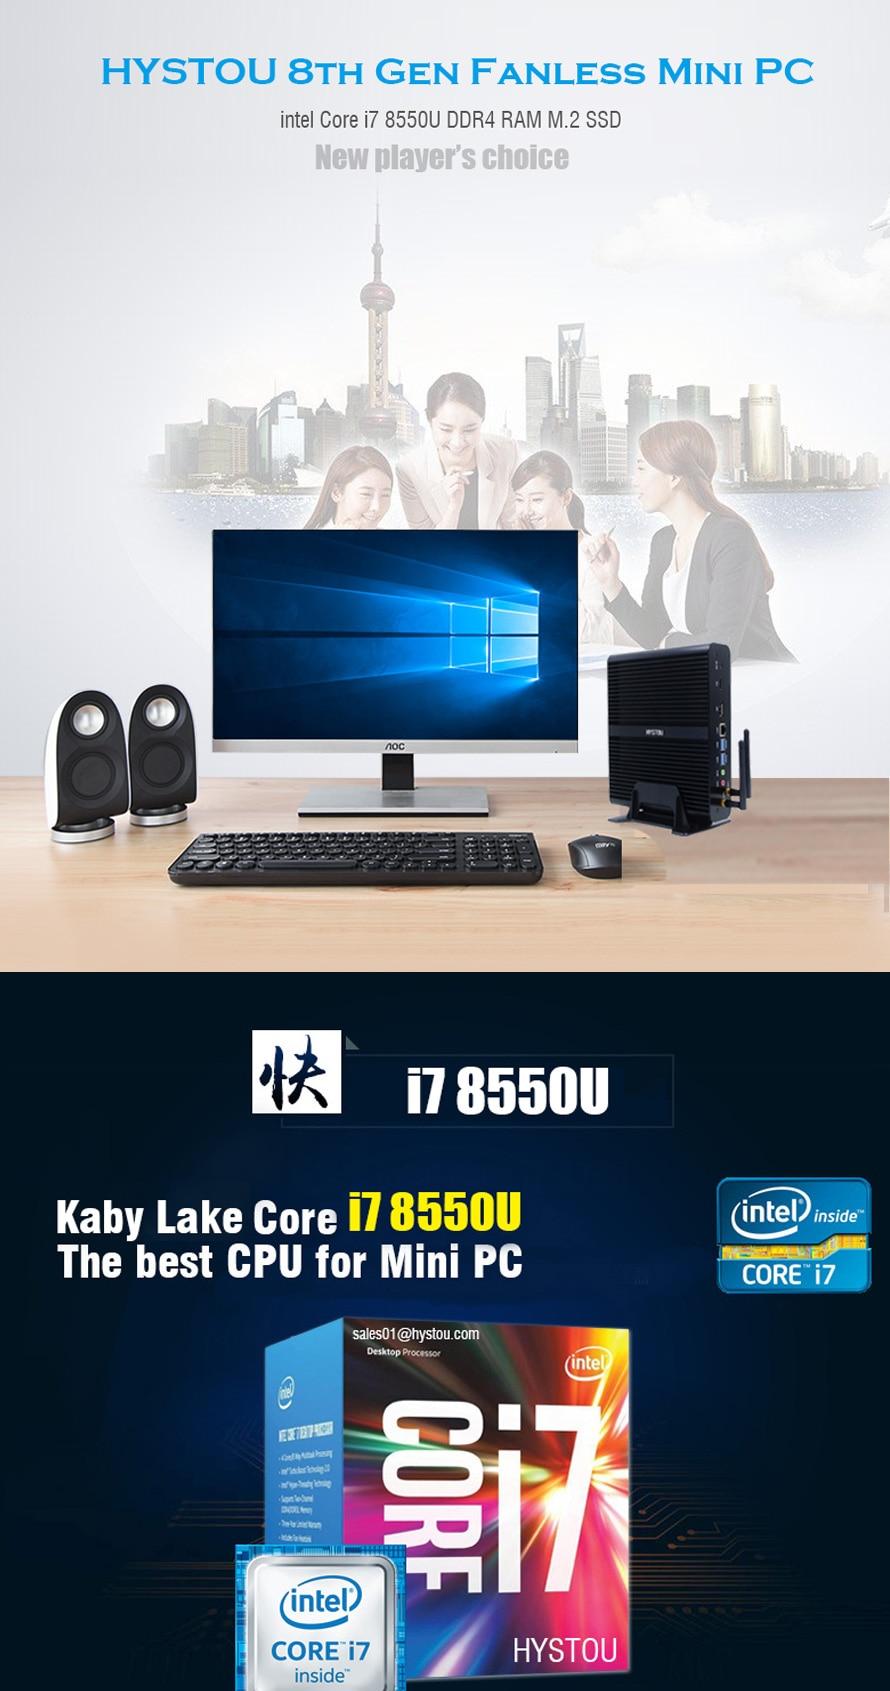 intel-core-i7-8550u-ddr4-RAM-16G-minipc-nuc-i7-windows10-wifi-with-bluetooth-2.7ghz-graphics620-usb-3.0-faless-mini-pc-i7-7500U_05_01